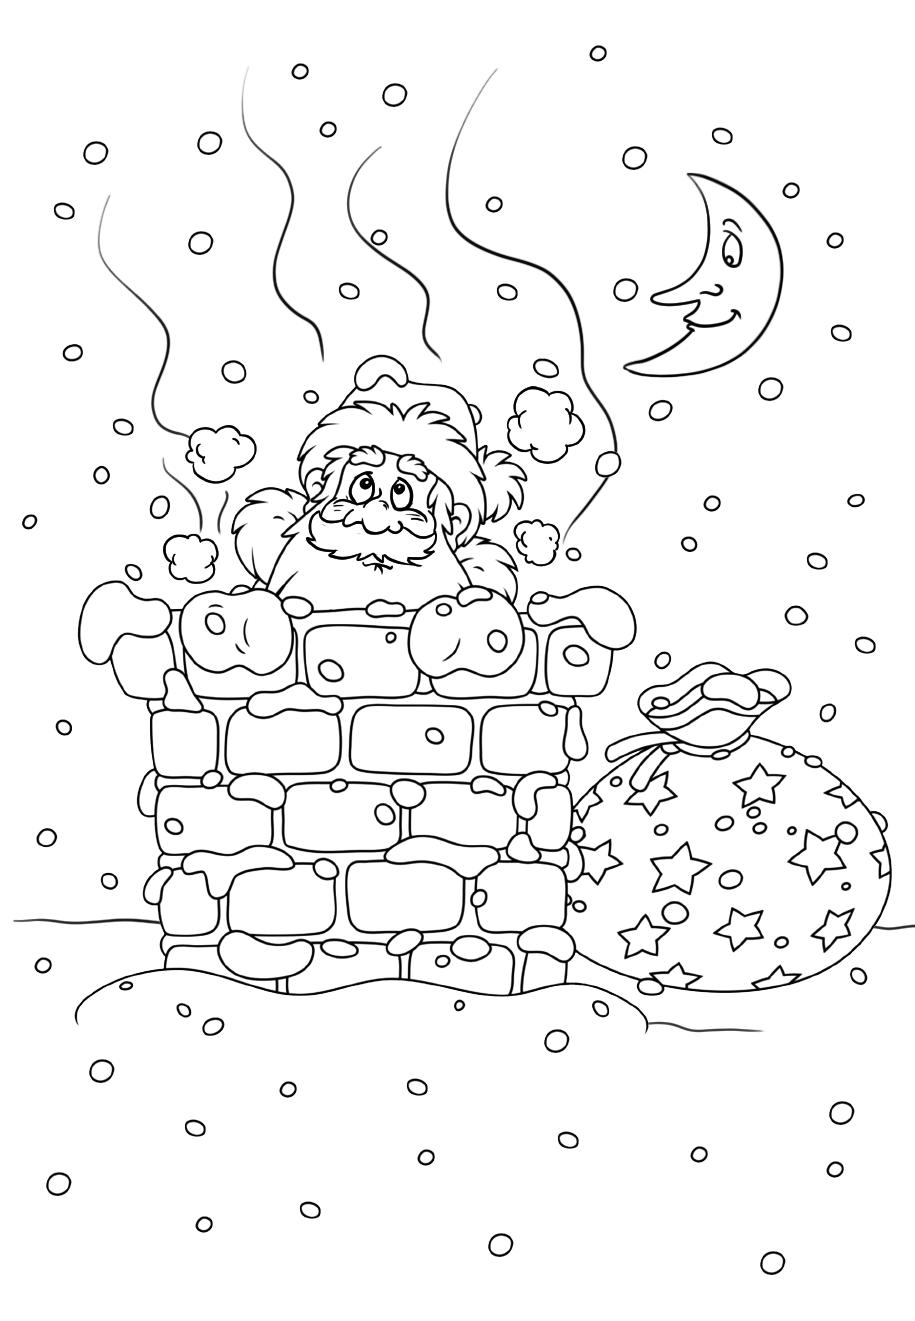 Санта в трубе - Новый год - Раскраски антистресс